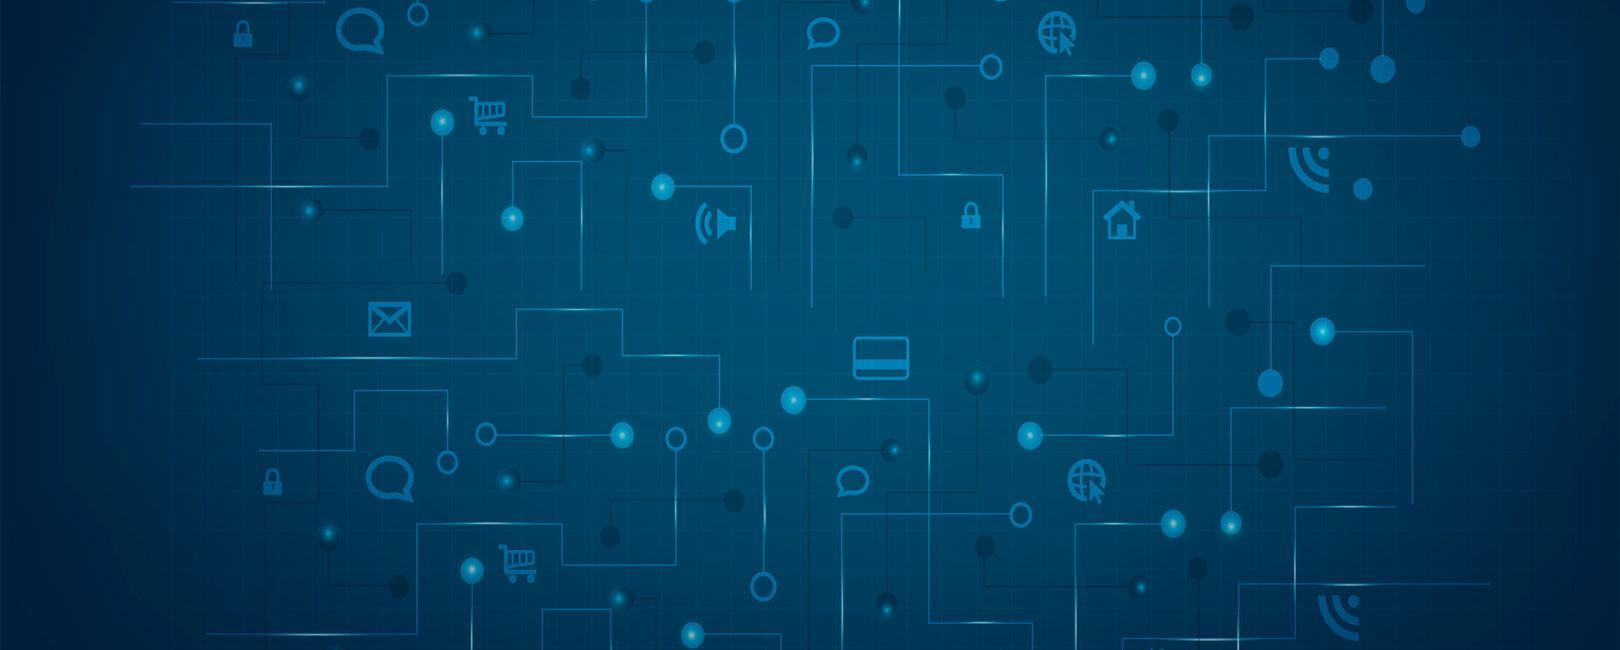 Descubre cómo el machine learning influye en la toma de decisiones